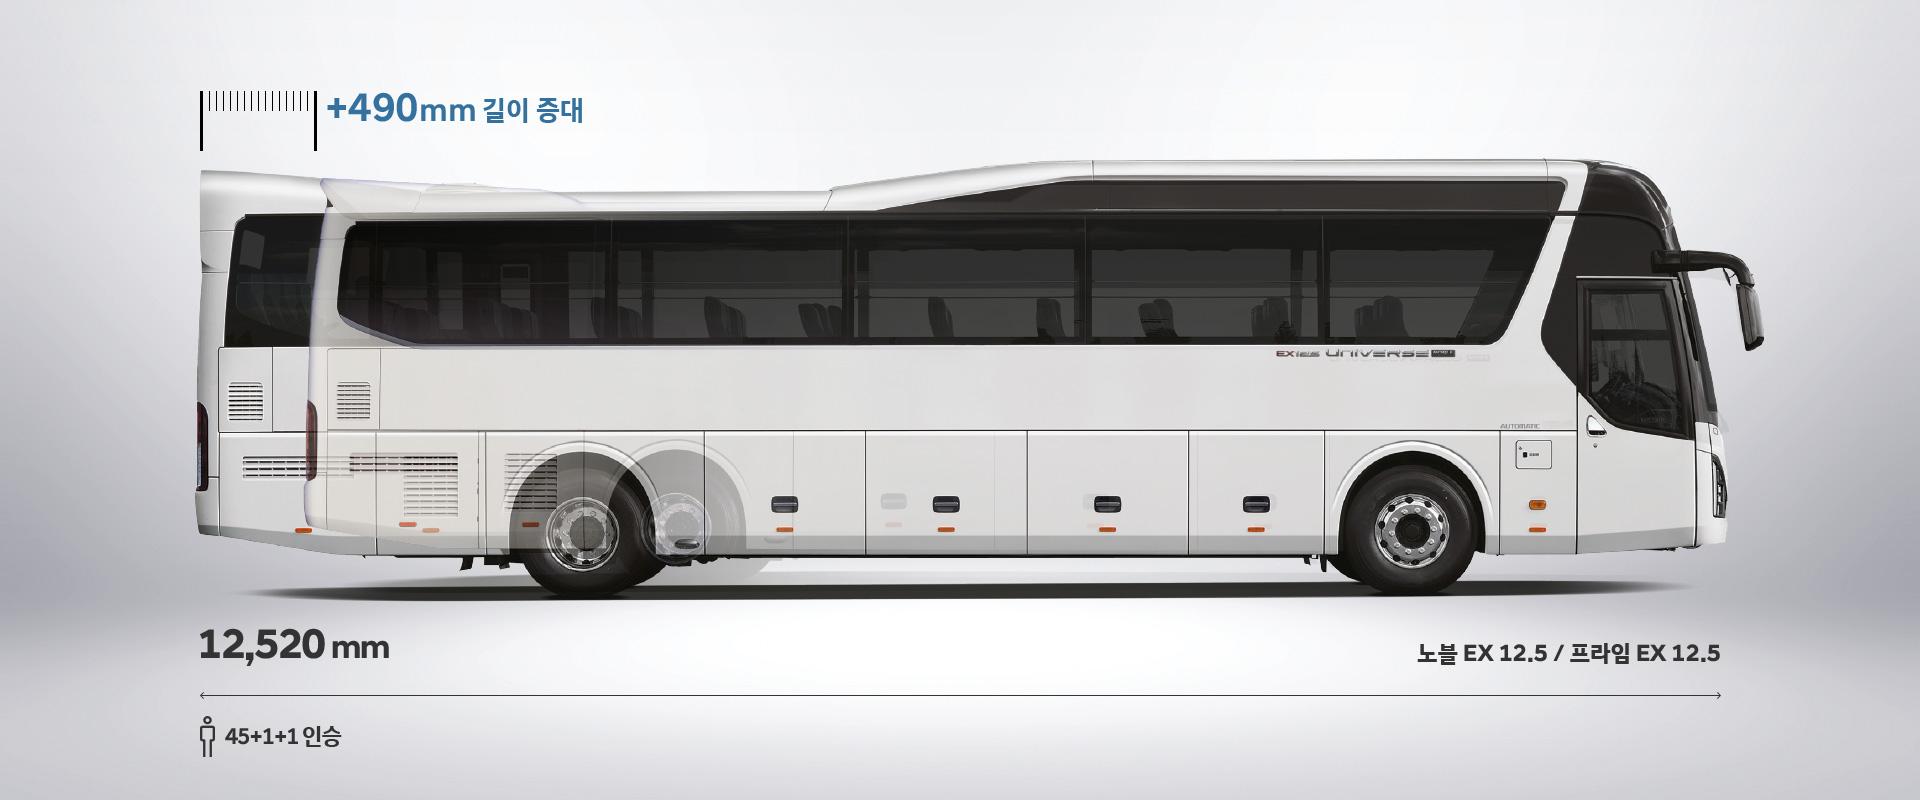 노블 EX 12.5 국내 최장축 유니버스 노블 EX 12.5는 기존 12m의 길이를 490mm 연장해 실내의 앞뒤 좌석 간 거리와 적재 공간이 넓어 장거리 여행시에도 편안합니다.